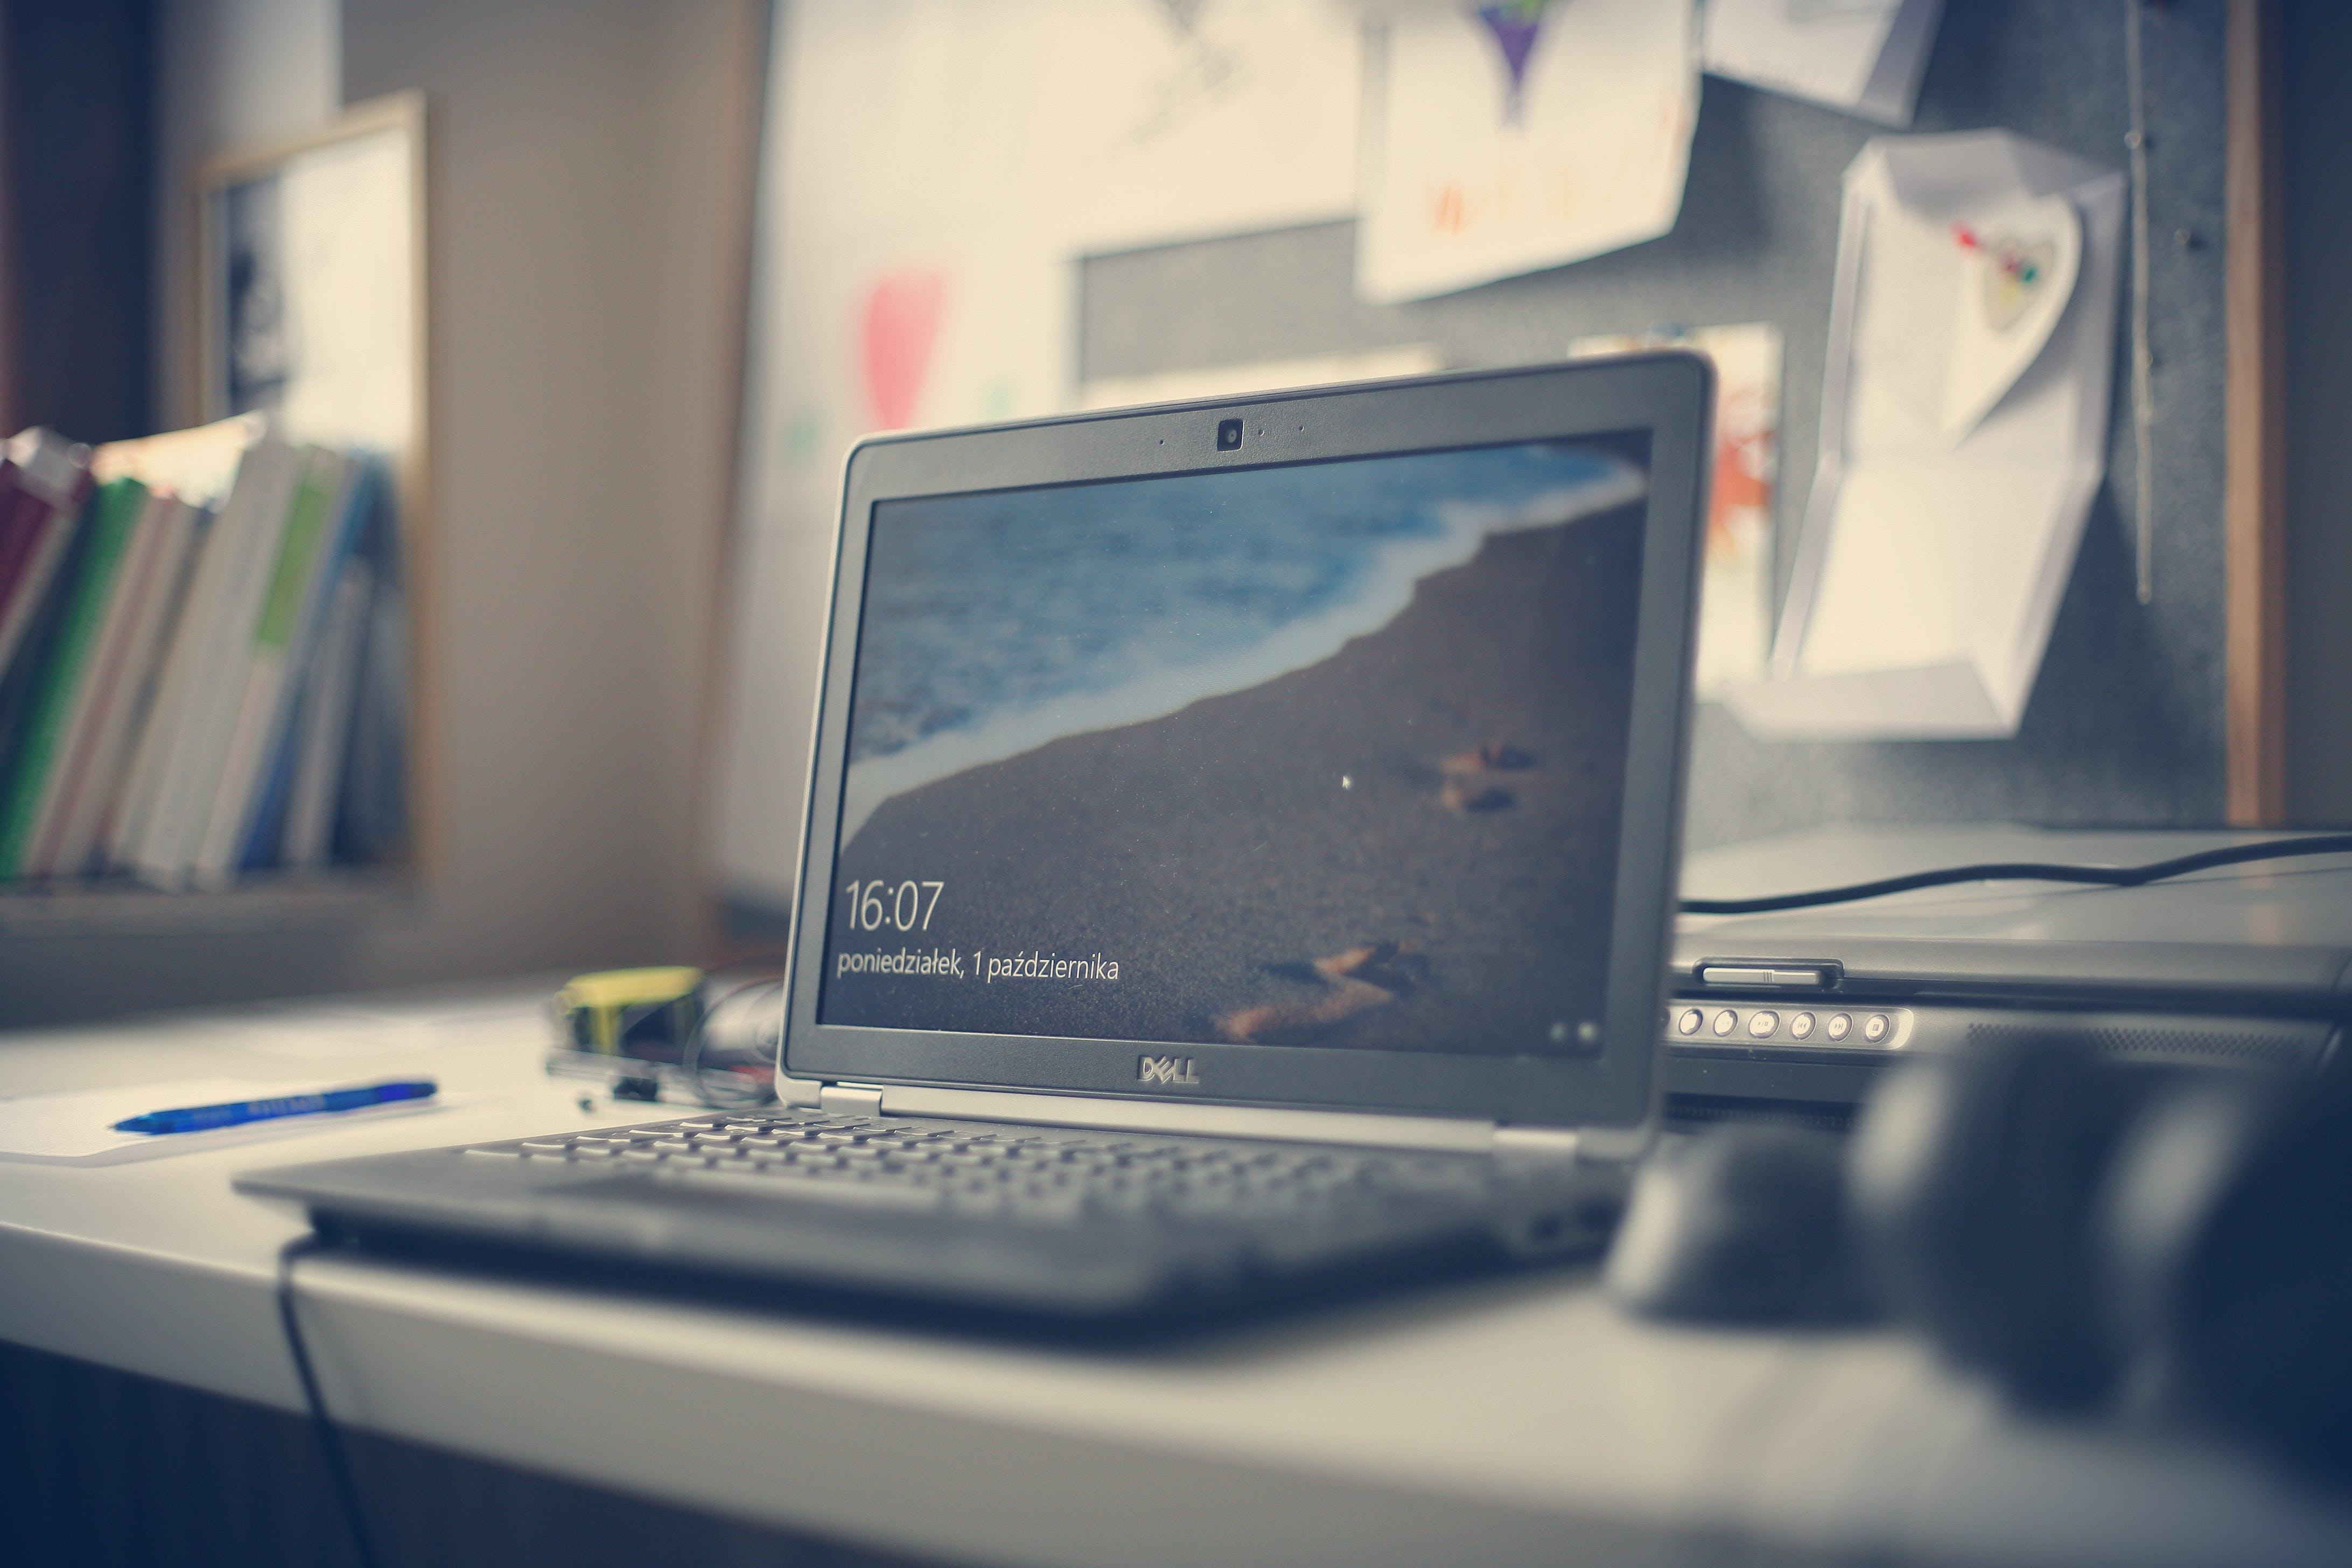 Black Dell Laptop on White Desk